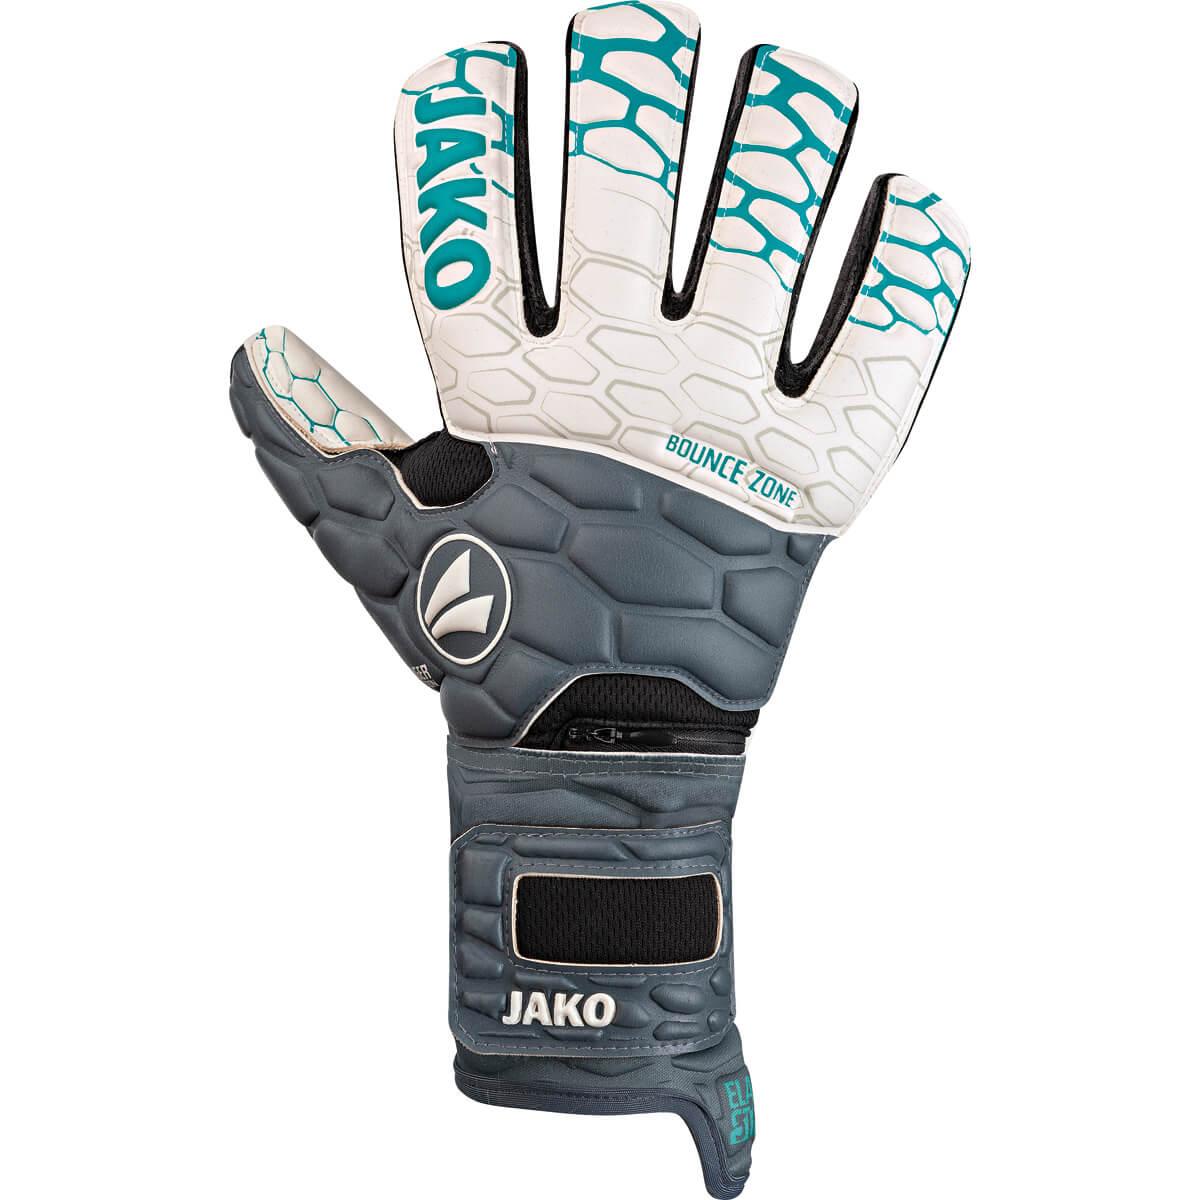 TW-Handschuh Prestige WRC Protection -  | Jako 2550